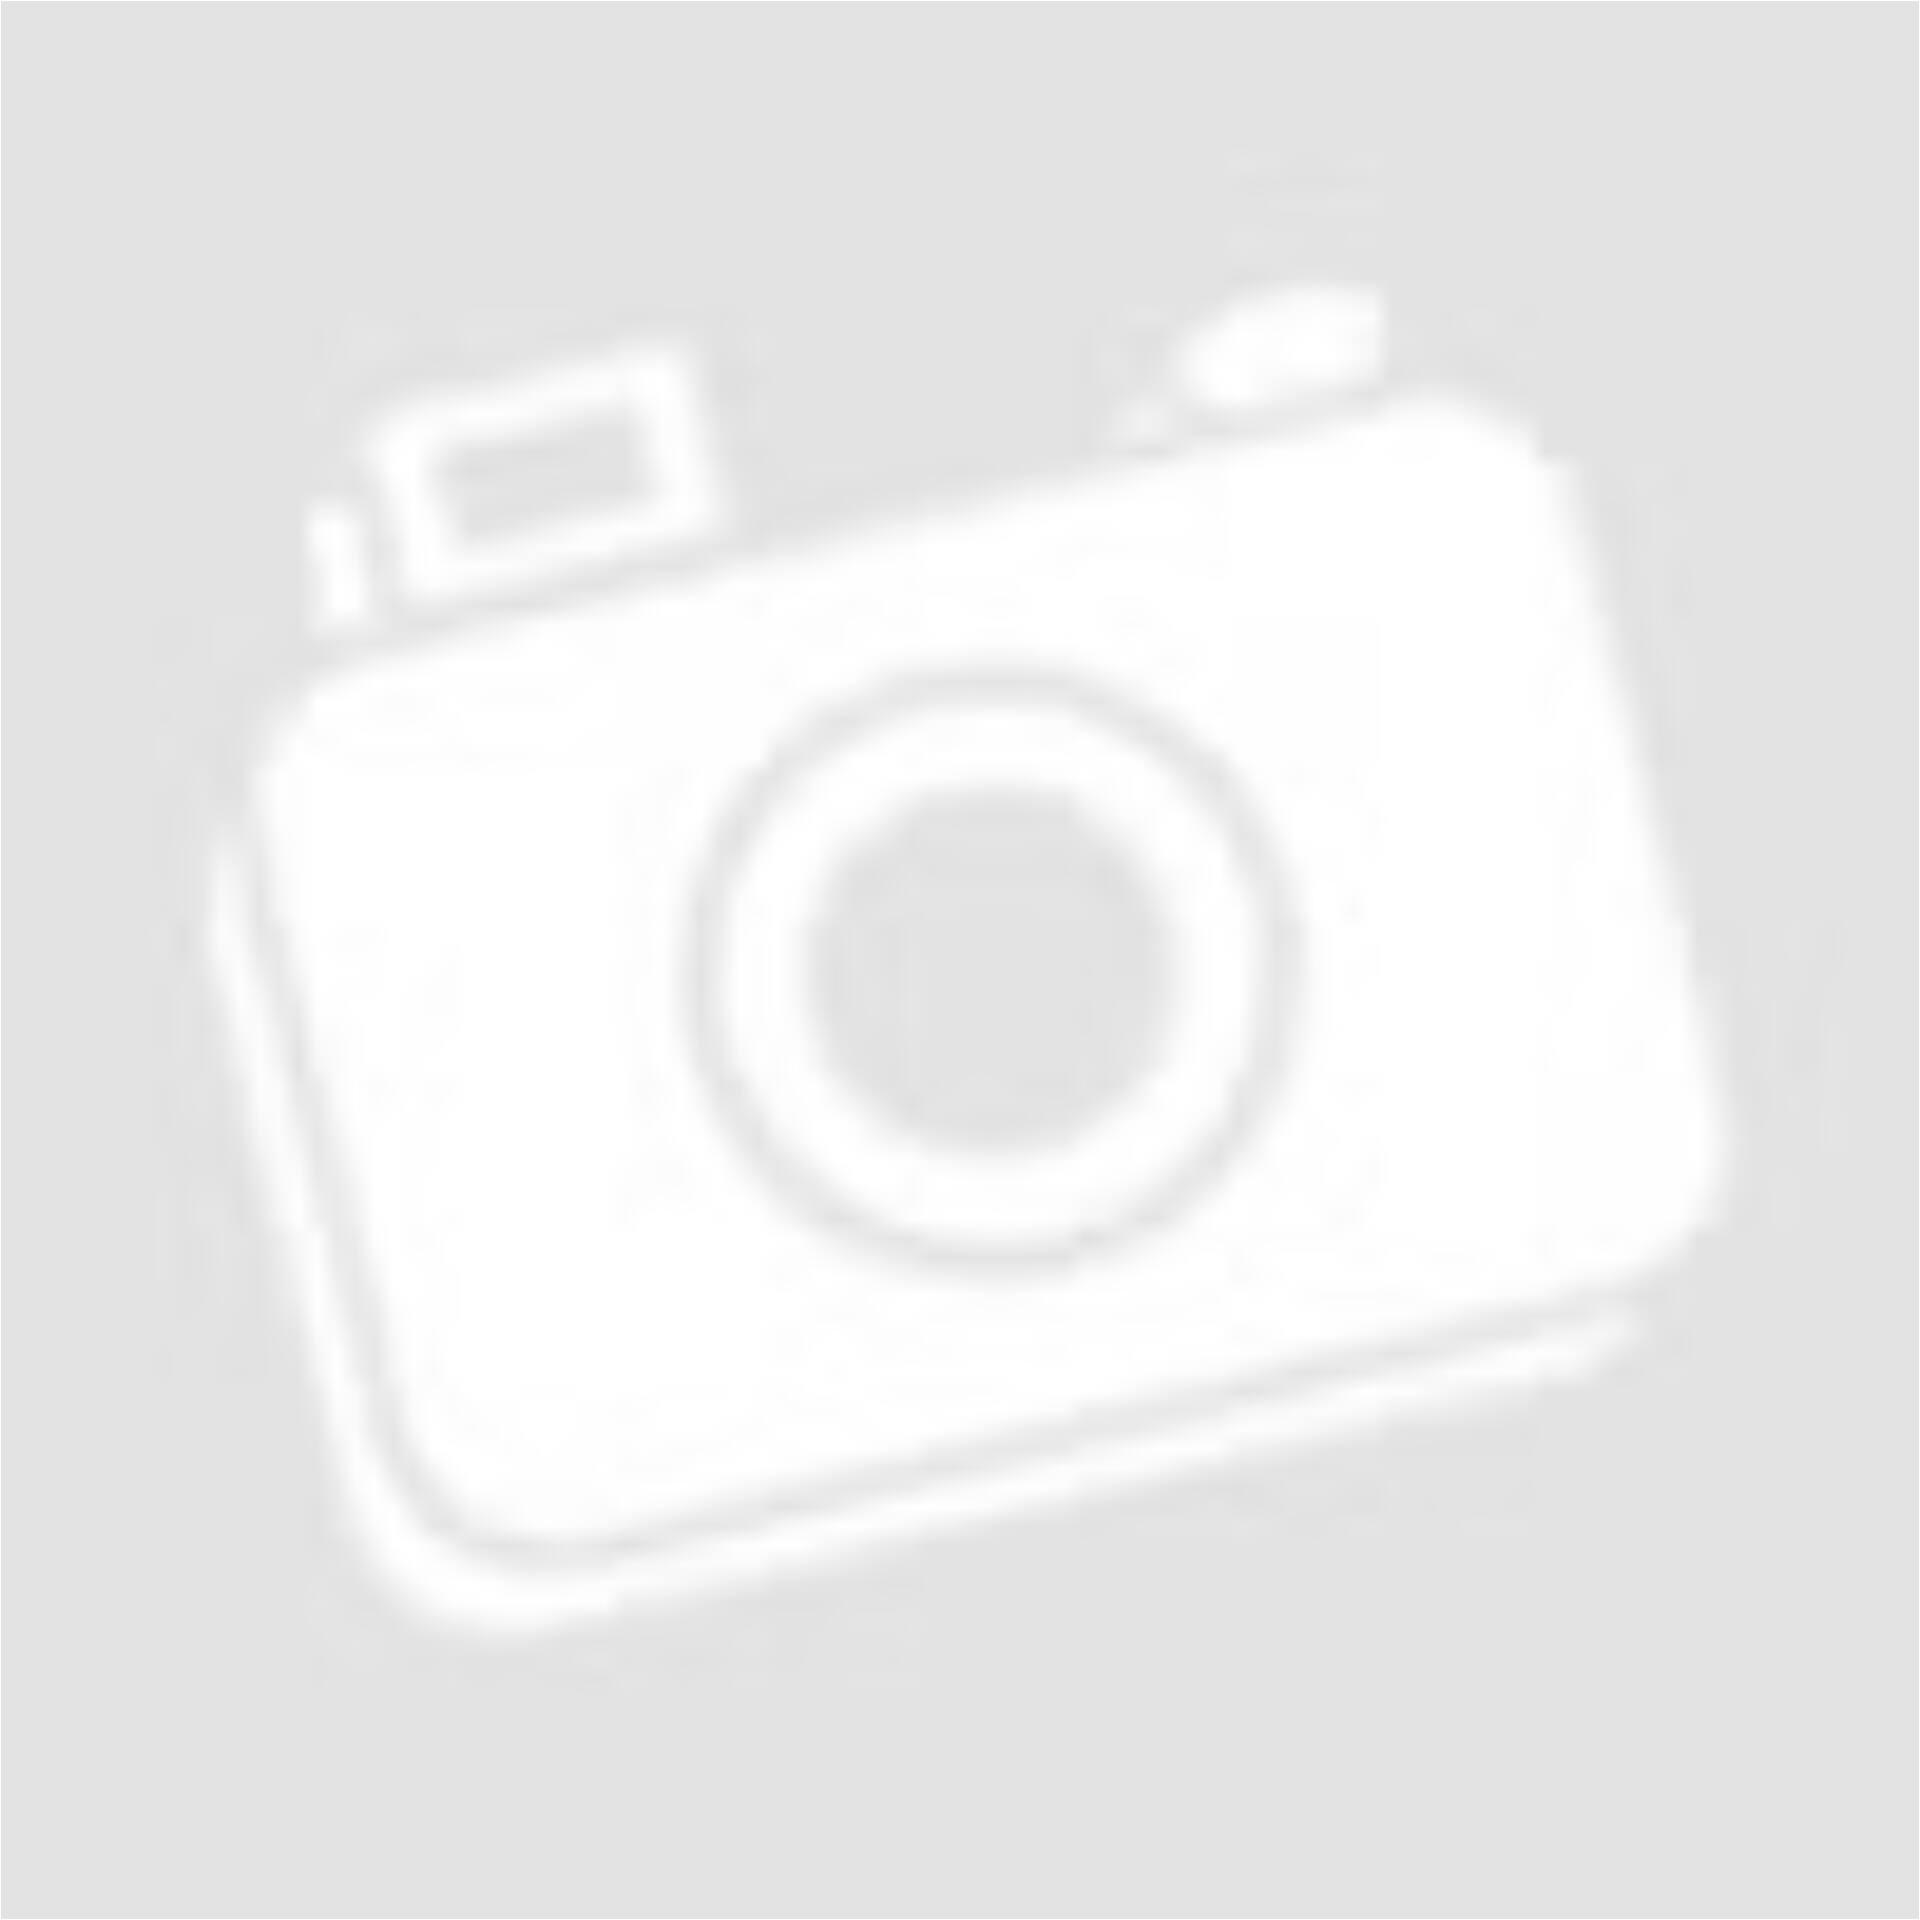 b57f6deb5b MARITHÉ FRANCOIS sötétkék színű női blézer (Méret: M) - Női dzseki ...